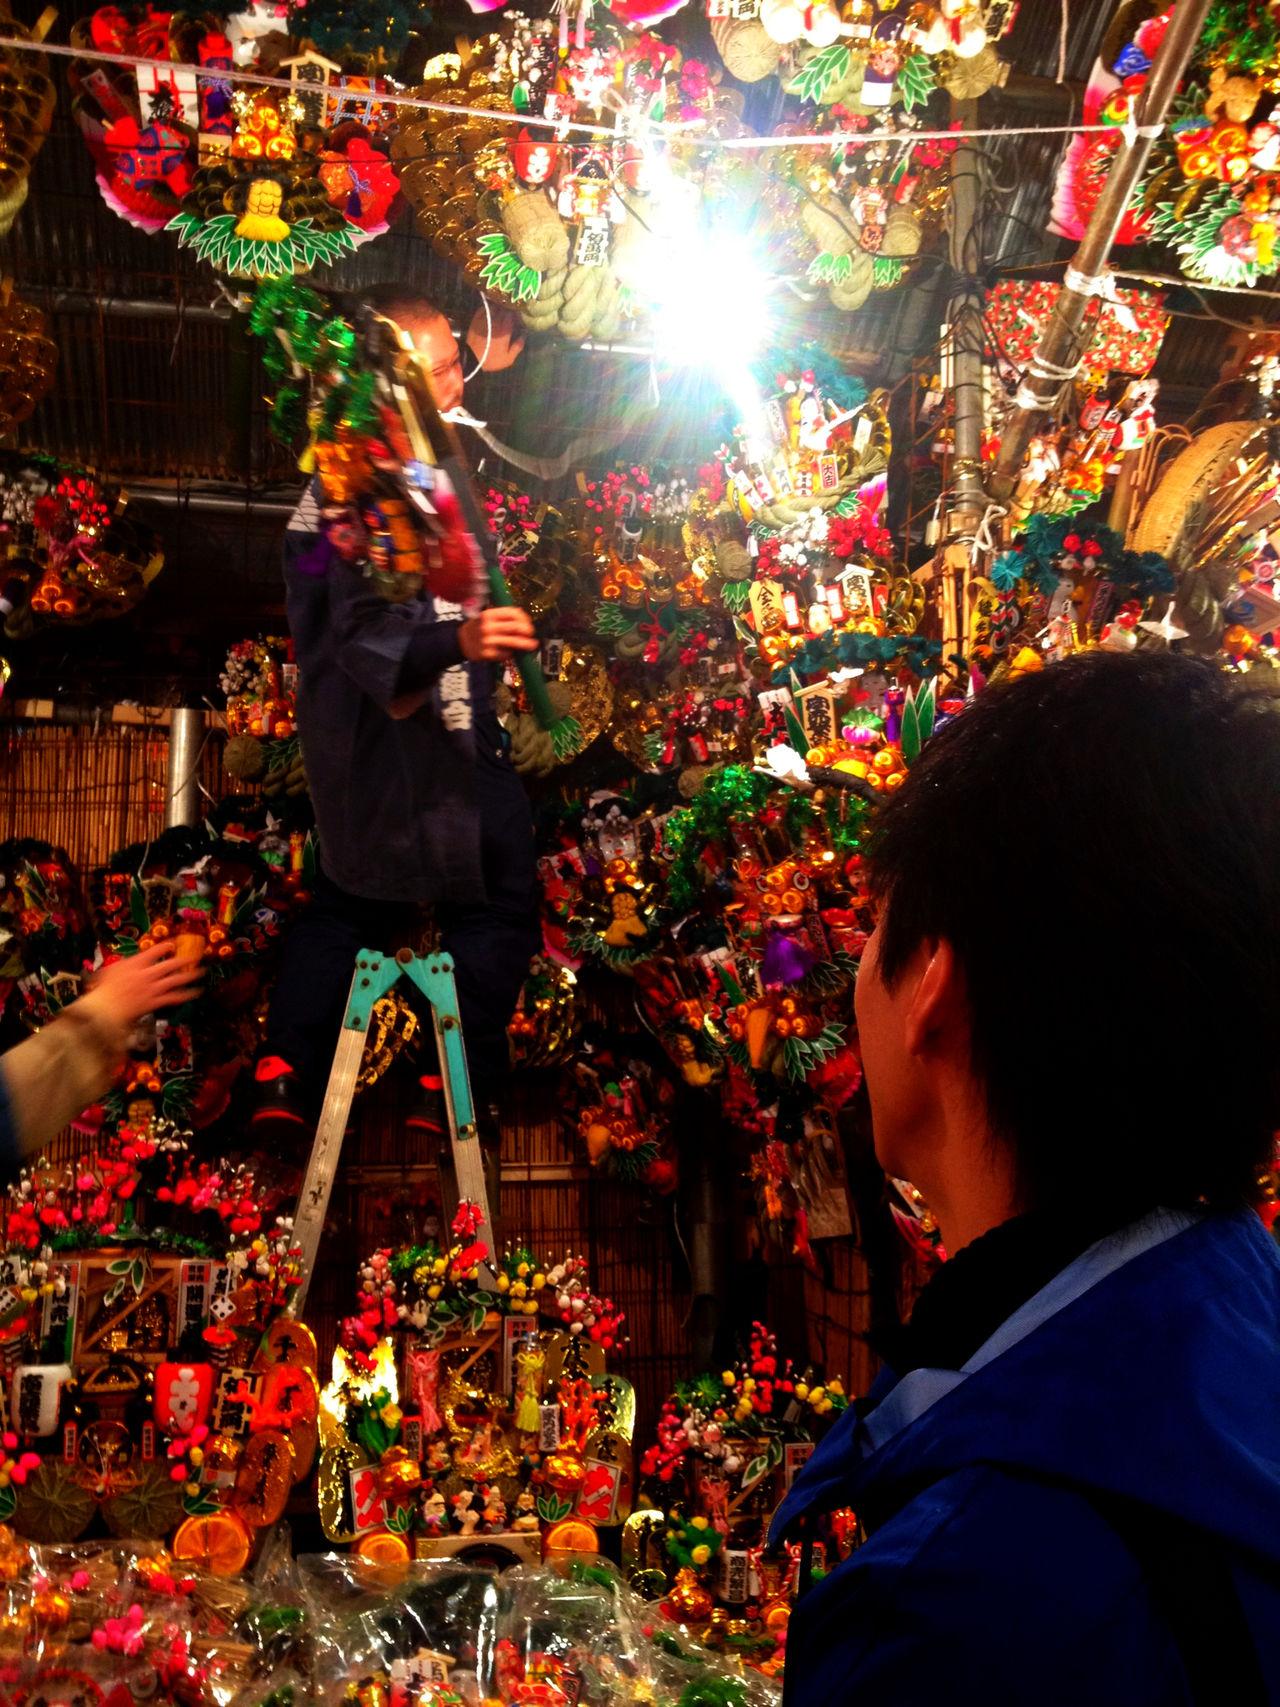 """本当に大切な 親友 Closestfriend Bestfriend っているじゃないですか。あまり神頼みをしない彼らが、 熊手 Kumade を買いに行くのにつきあった夜がある。今、彼らにあの日からよく頑張ったと陰ながら讃えてあげたい。俺も見習わなければと、少し反省。 酉の市 花園神社 The Festivals appellation is called first Festival """"Ichinotori"""",the second Festival """"Ninotori"""",the third Festival """"Sannotori"""". The origin of """"Tori-no-Ichi"""" Festivals of the Japanese mythology of the Ameno-Hiwashino-Mikoto and the Yamato-Takeruno-Mikoto are worshiping as god,also the Ohtori Shrine commonly are called """"Otori-Sama"""" and the Festivals on the days be bustling by worshipers,that days celebrate the Festival all day long. And this worship is that invoke a providence,give thanks to a divine favour,both it is that pray good fortune and good news in future and keep out of harm's way. 祭 Festival"""